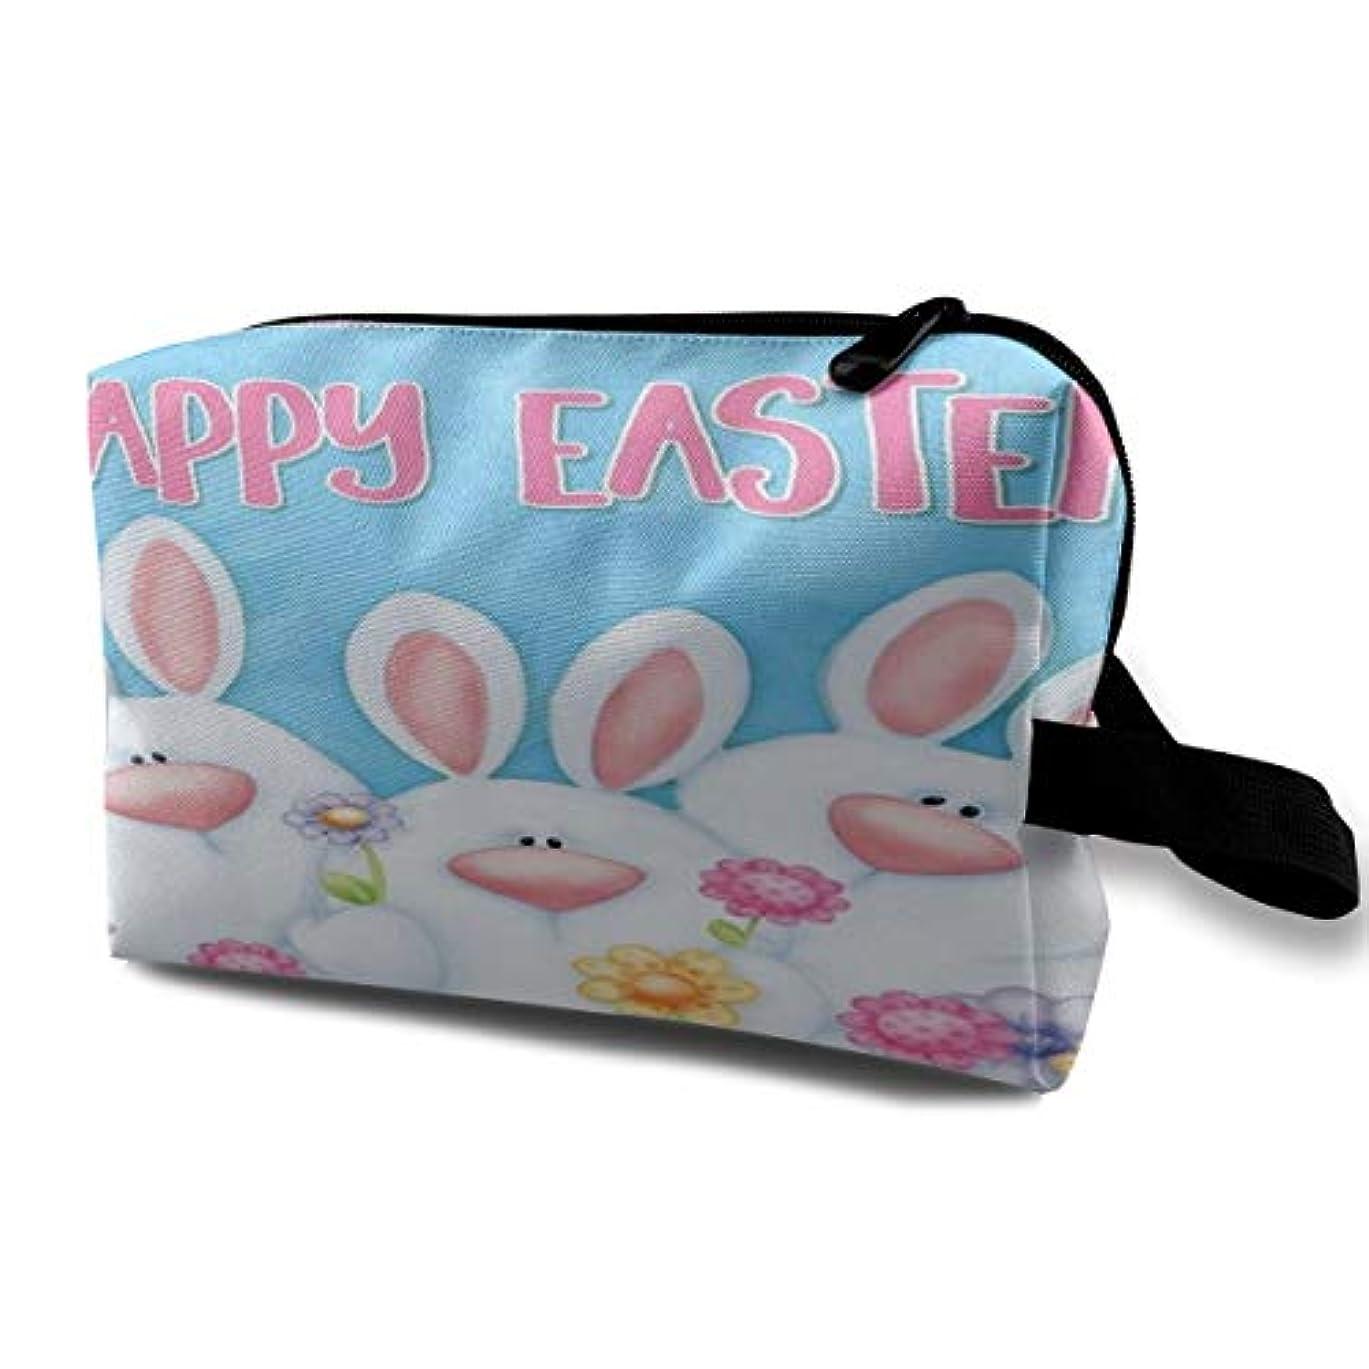 ファシズムペイント遠洋のHappy Easter Bunny Holding Flowers 収納ポーチ 化粧ポーチ 大容量 軽量 耐久性 ハンドル付持ち運び便利。入れ 自宅?出張?旅行?アウトドア撮影などに対応。メンズ レディース トラベルグッズ